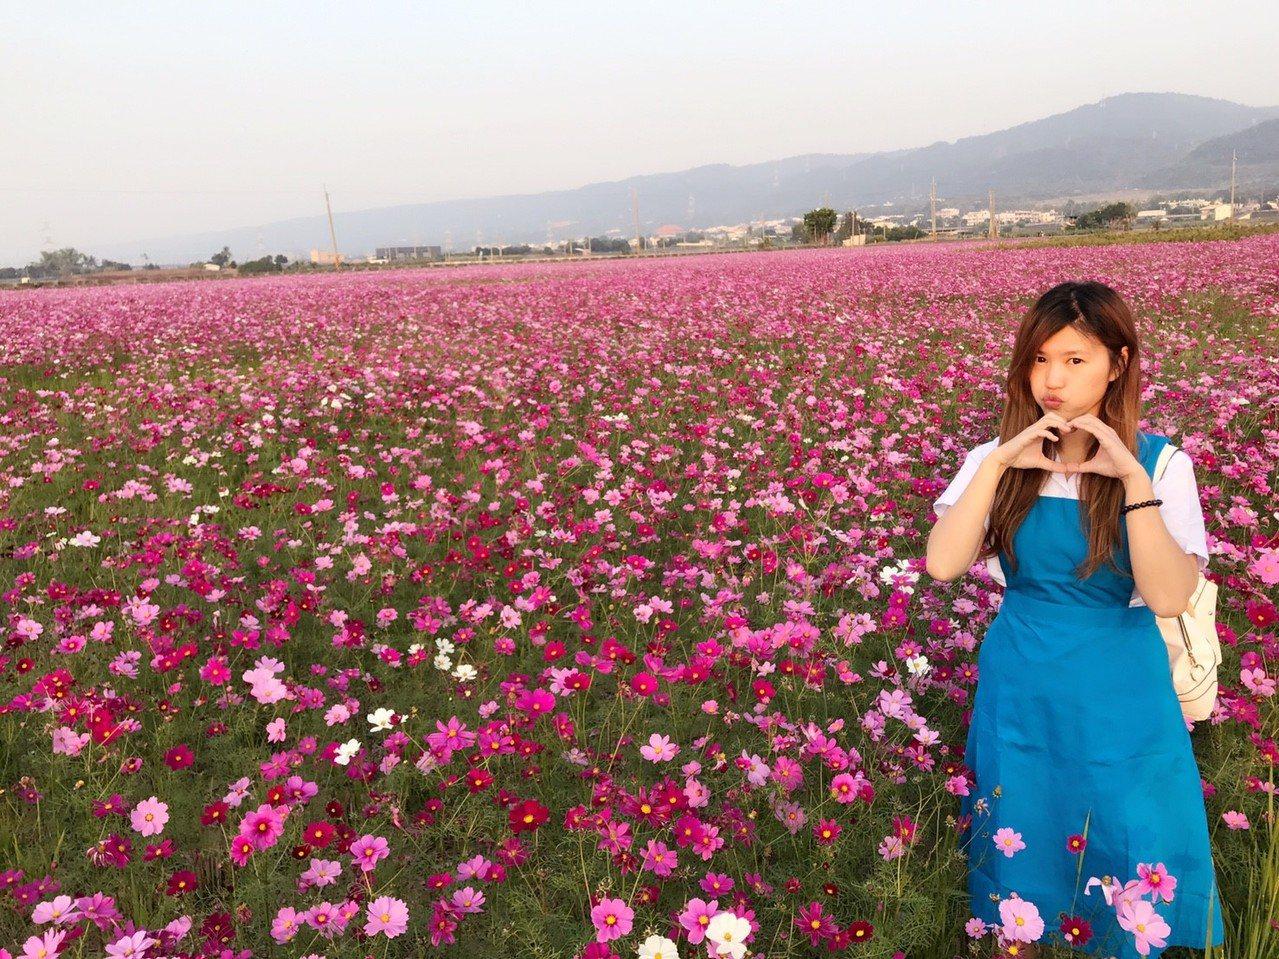 有線電視主持人楚庭更擺出各種可愛的姿態在自己的家鄉拍美照。圖/楚庭提供